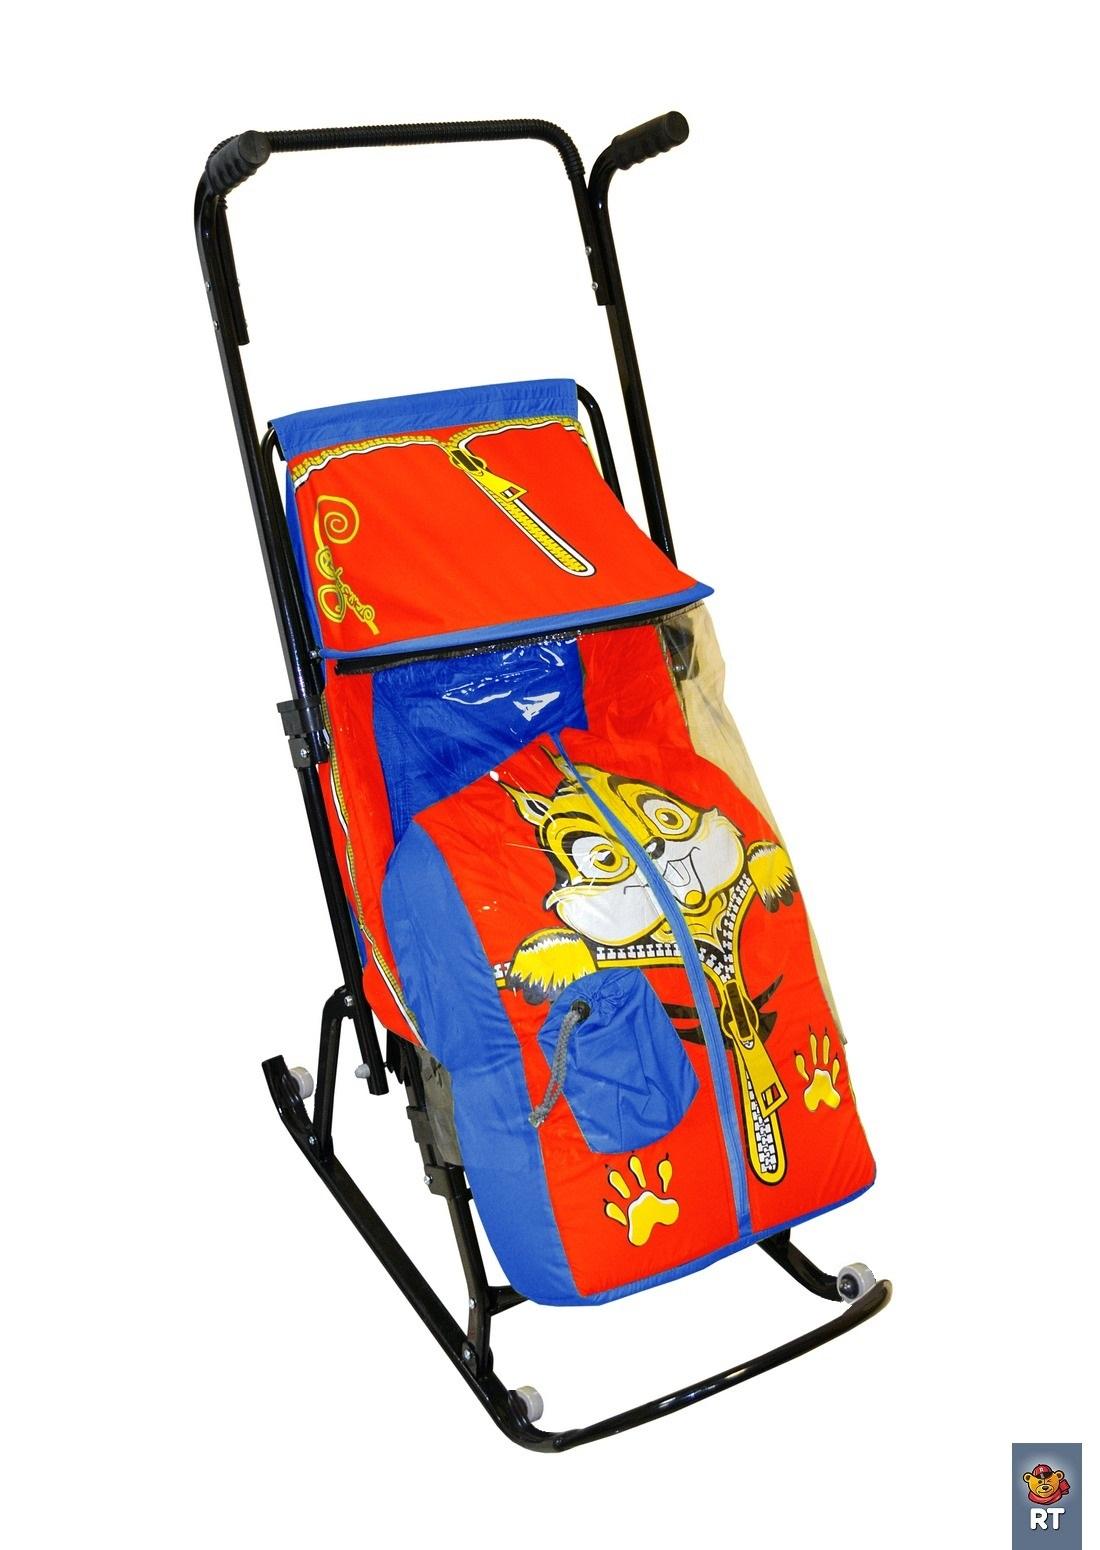 Санки-коляска Снегурочка-4-Р, Бельчонок, с 4 колесиками, синий, красныйСанки и сани-коляски<br>Санки-коляска Снегурочка-4-Р, Бельчонок, с 4 колесиками, синий, красный<br>